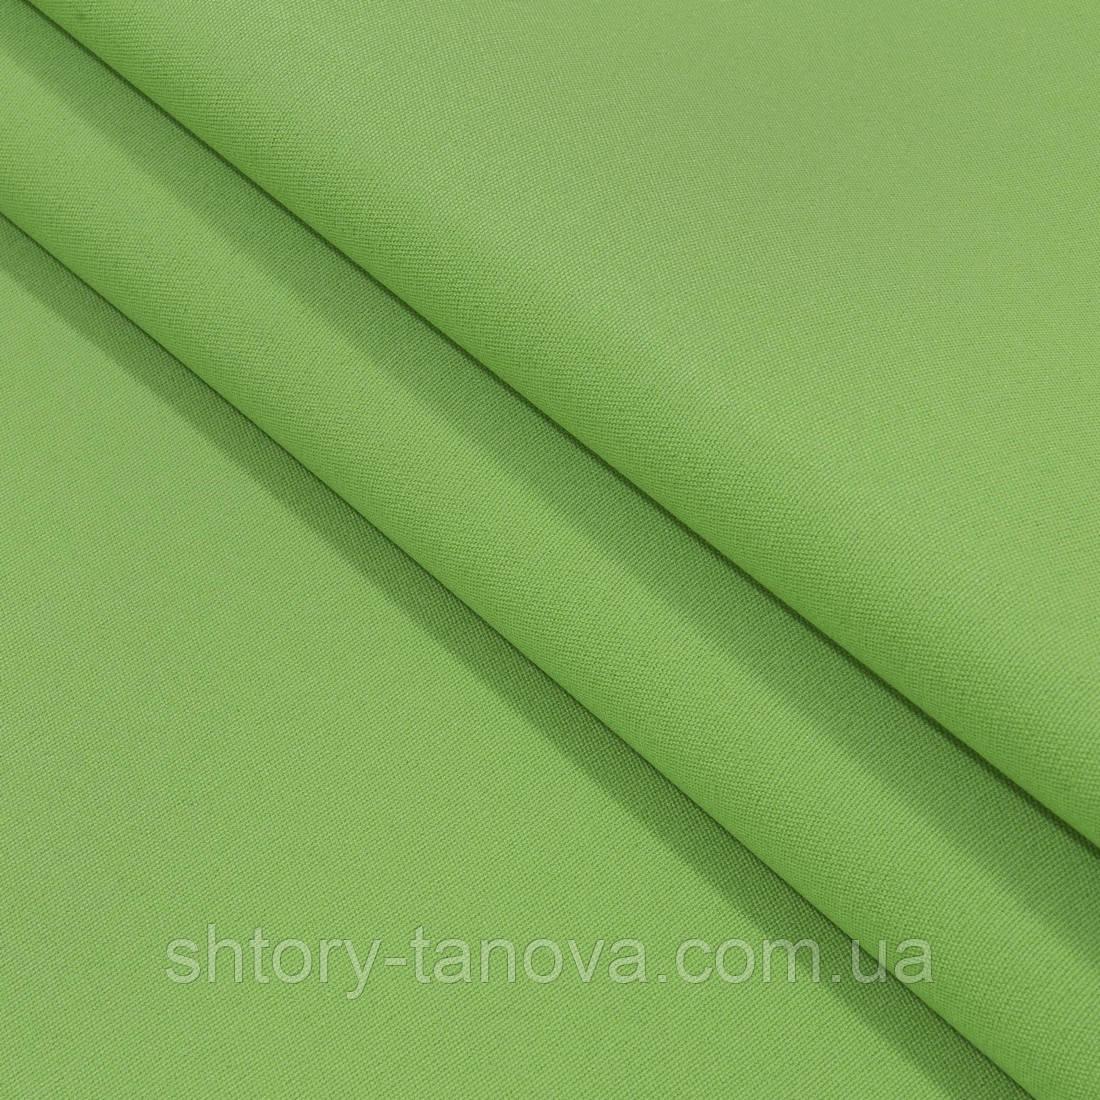 Декоративная ткань нао / nao зеленое яблоко